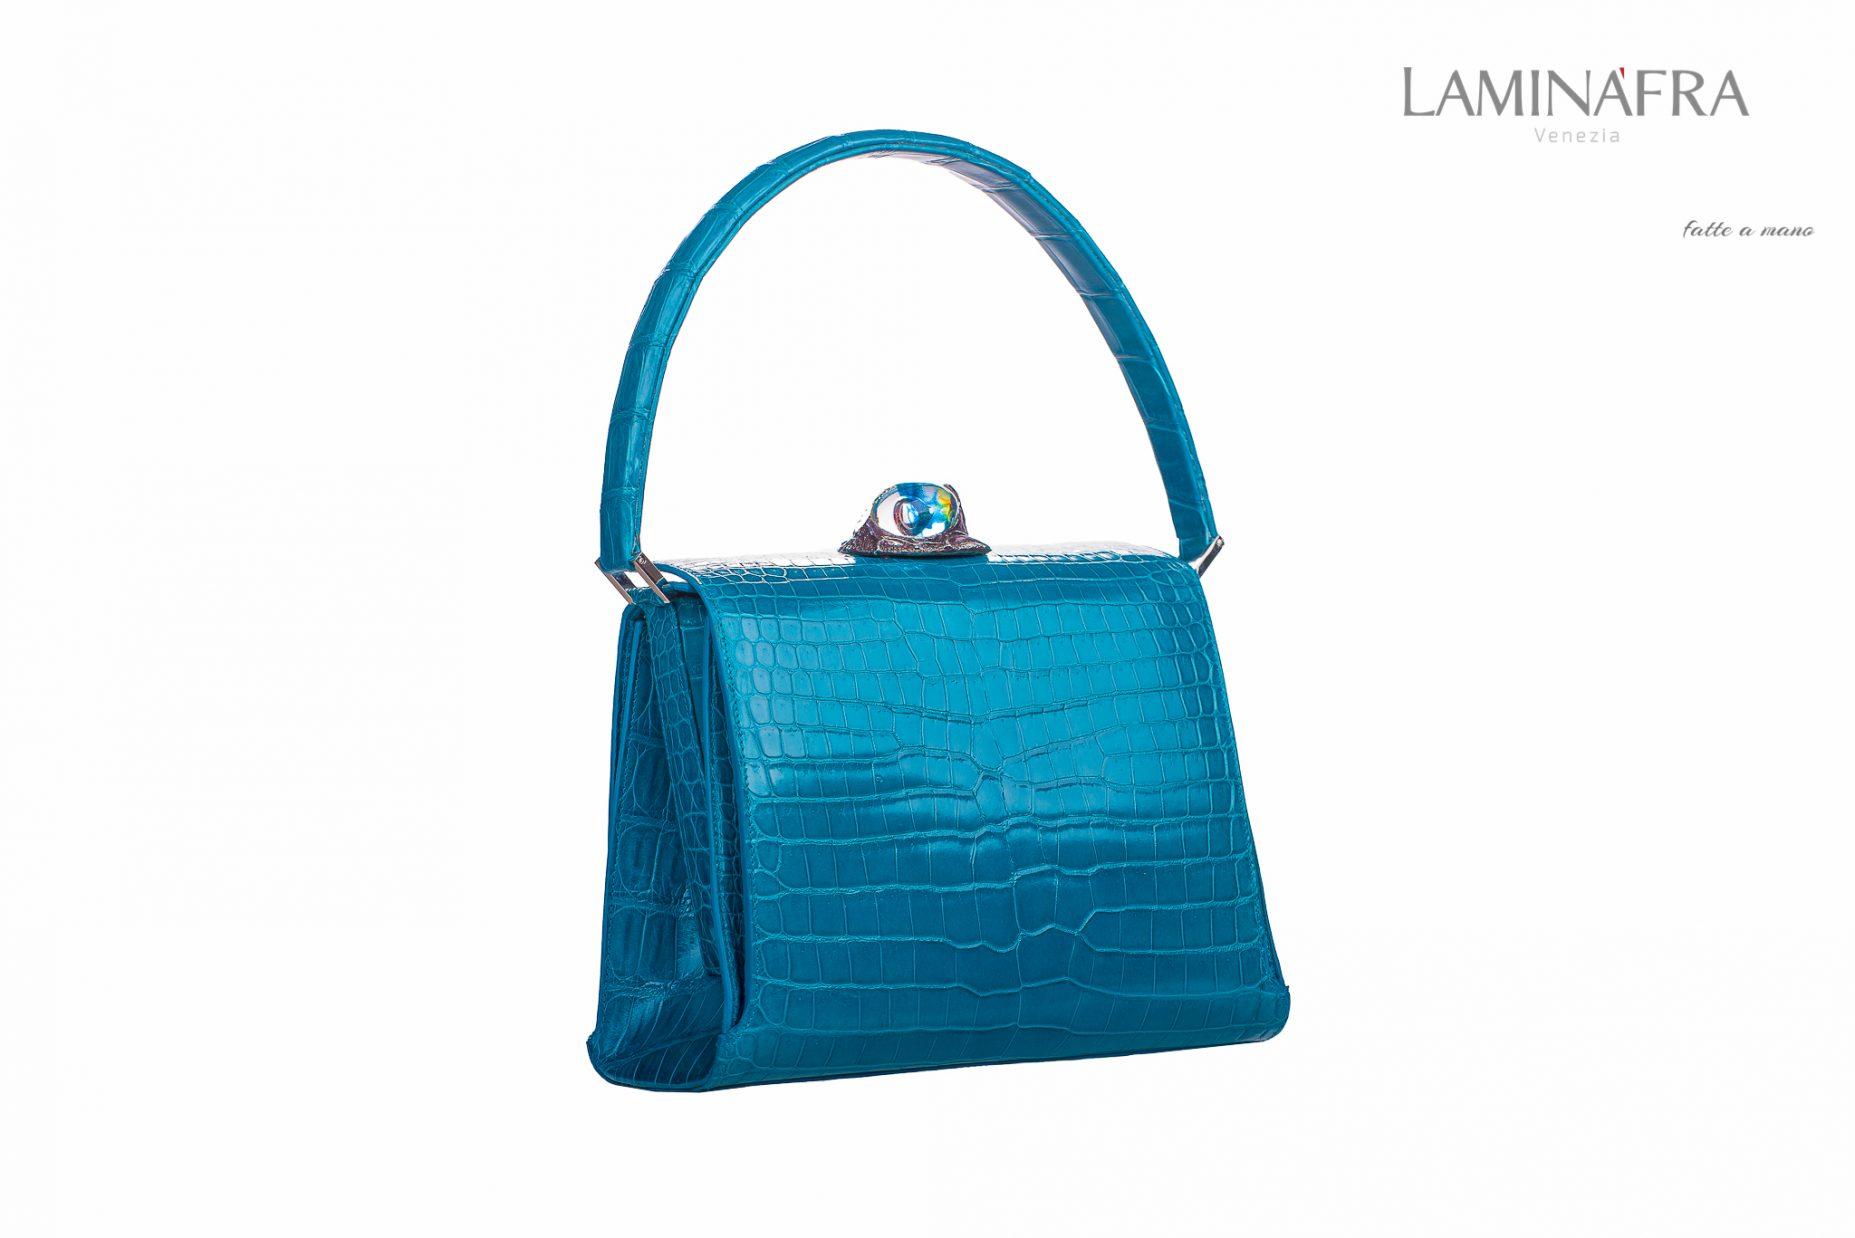 Laminafra Luxury Shoes – Still life e fashion catalogue for www.laminafra.it